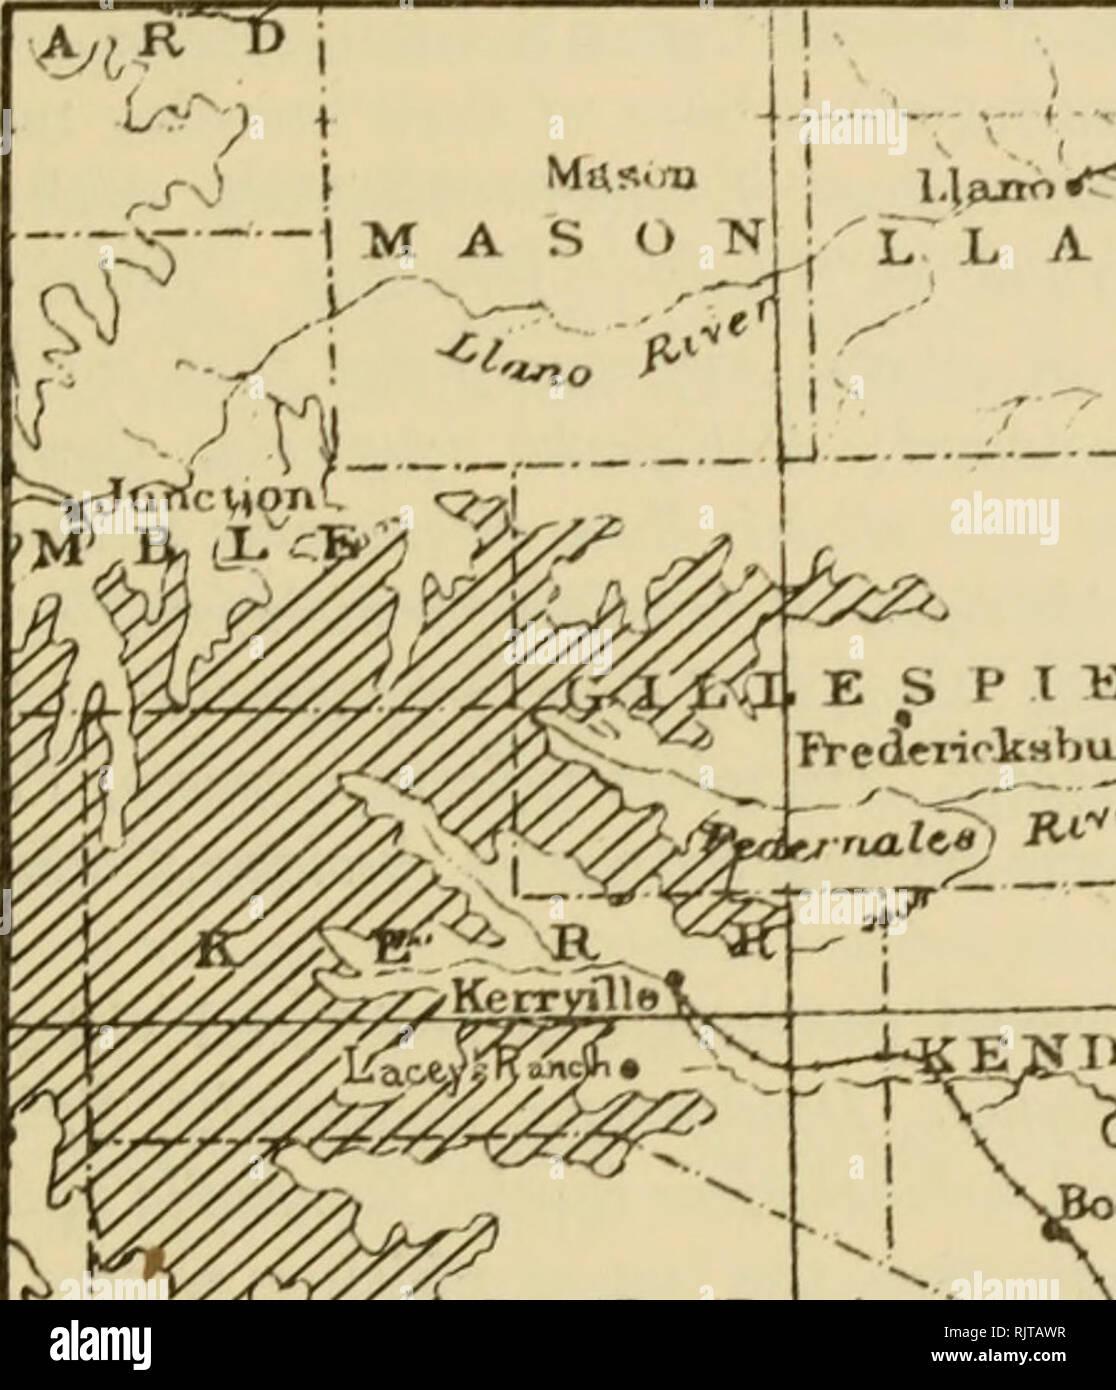 The Auk  Birds  vol  xxvnn 1911 J La< bt, Birds of KerrviUe, Texas